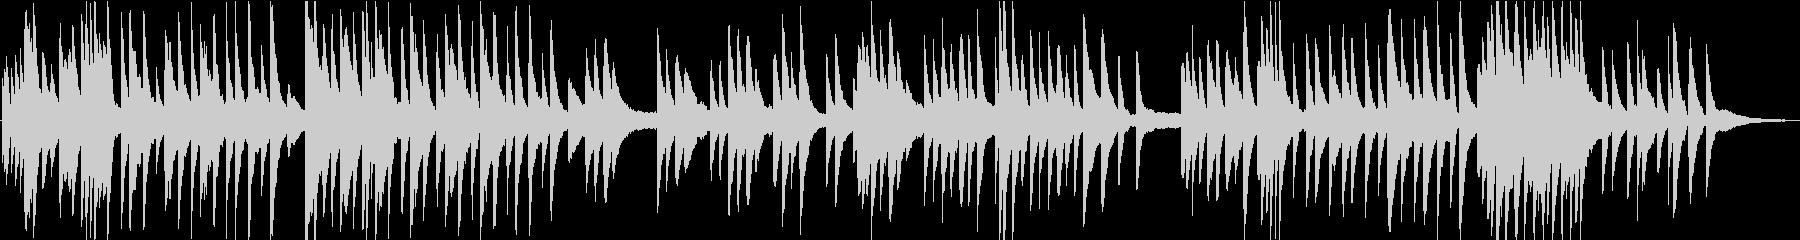 切ないピアノソロのバラードの未再生の波形